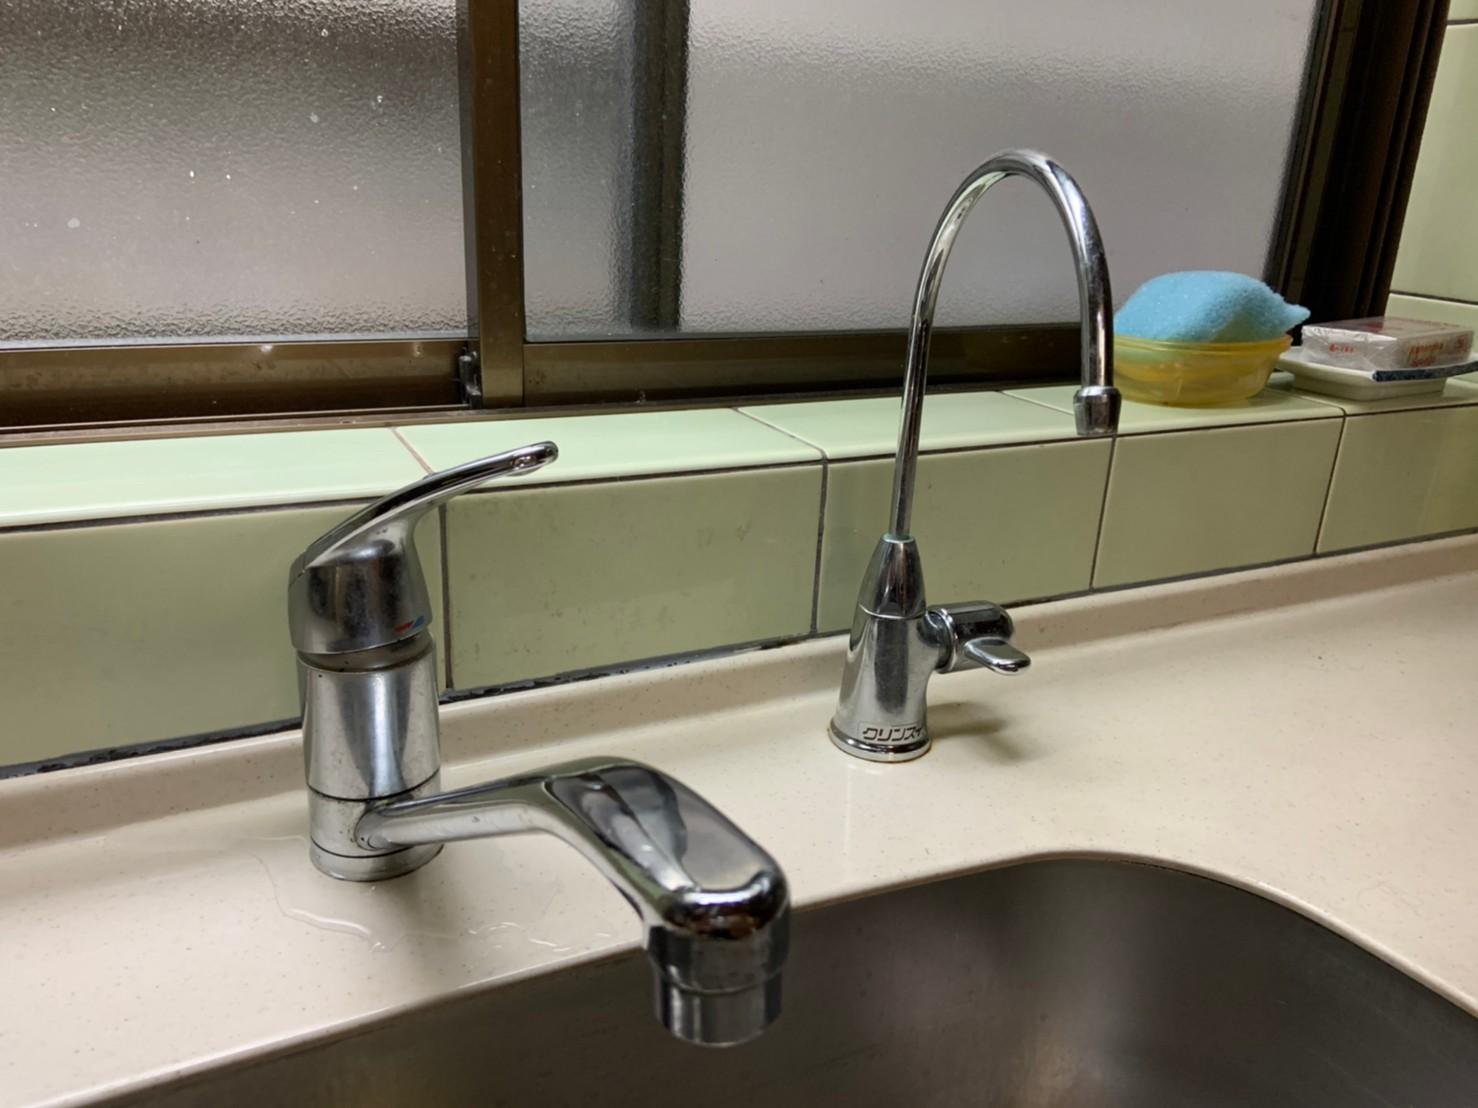 キッチン水栓・ビルトイン浄水器の交換|京都市北区